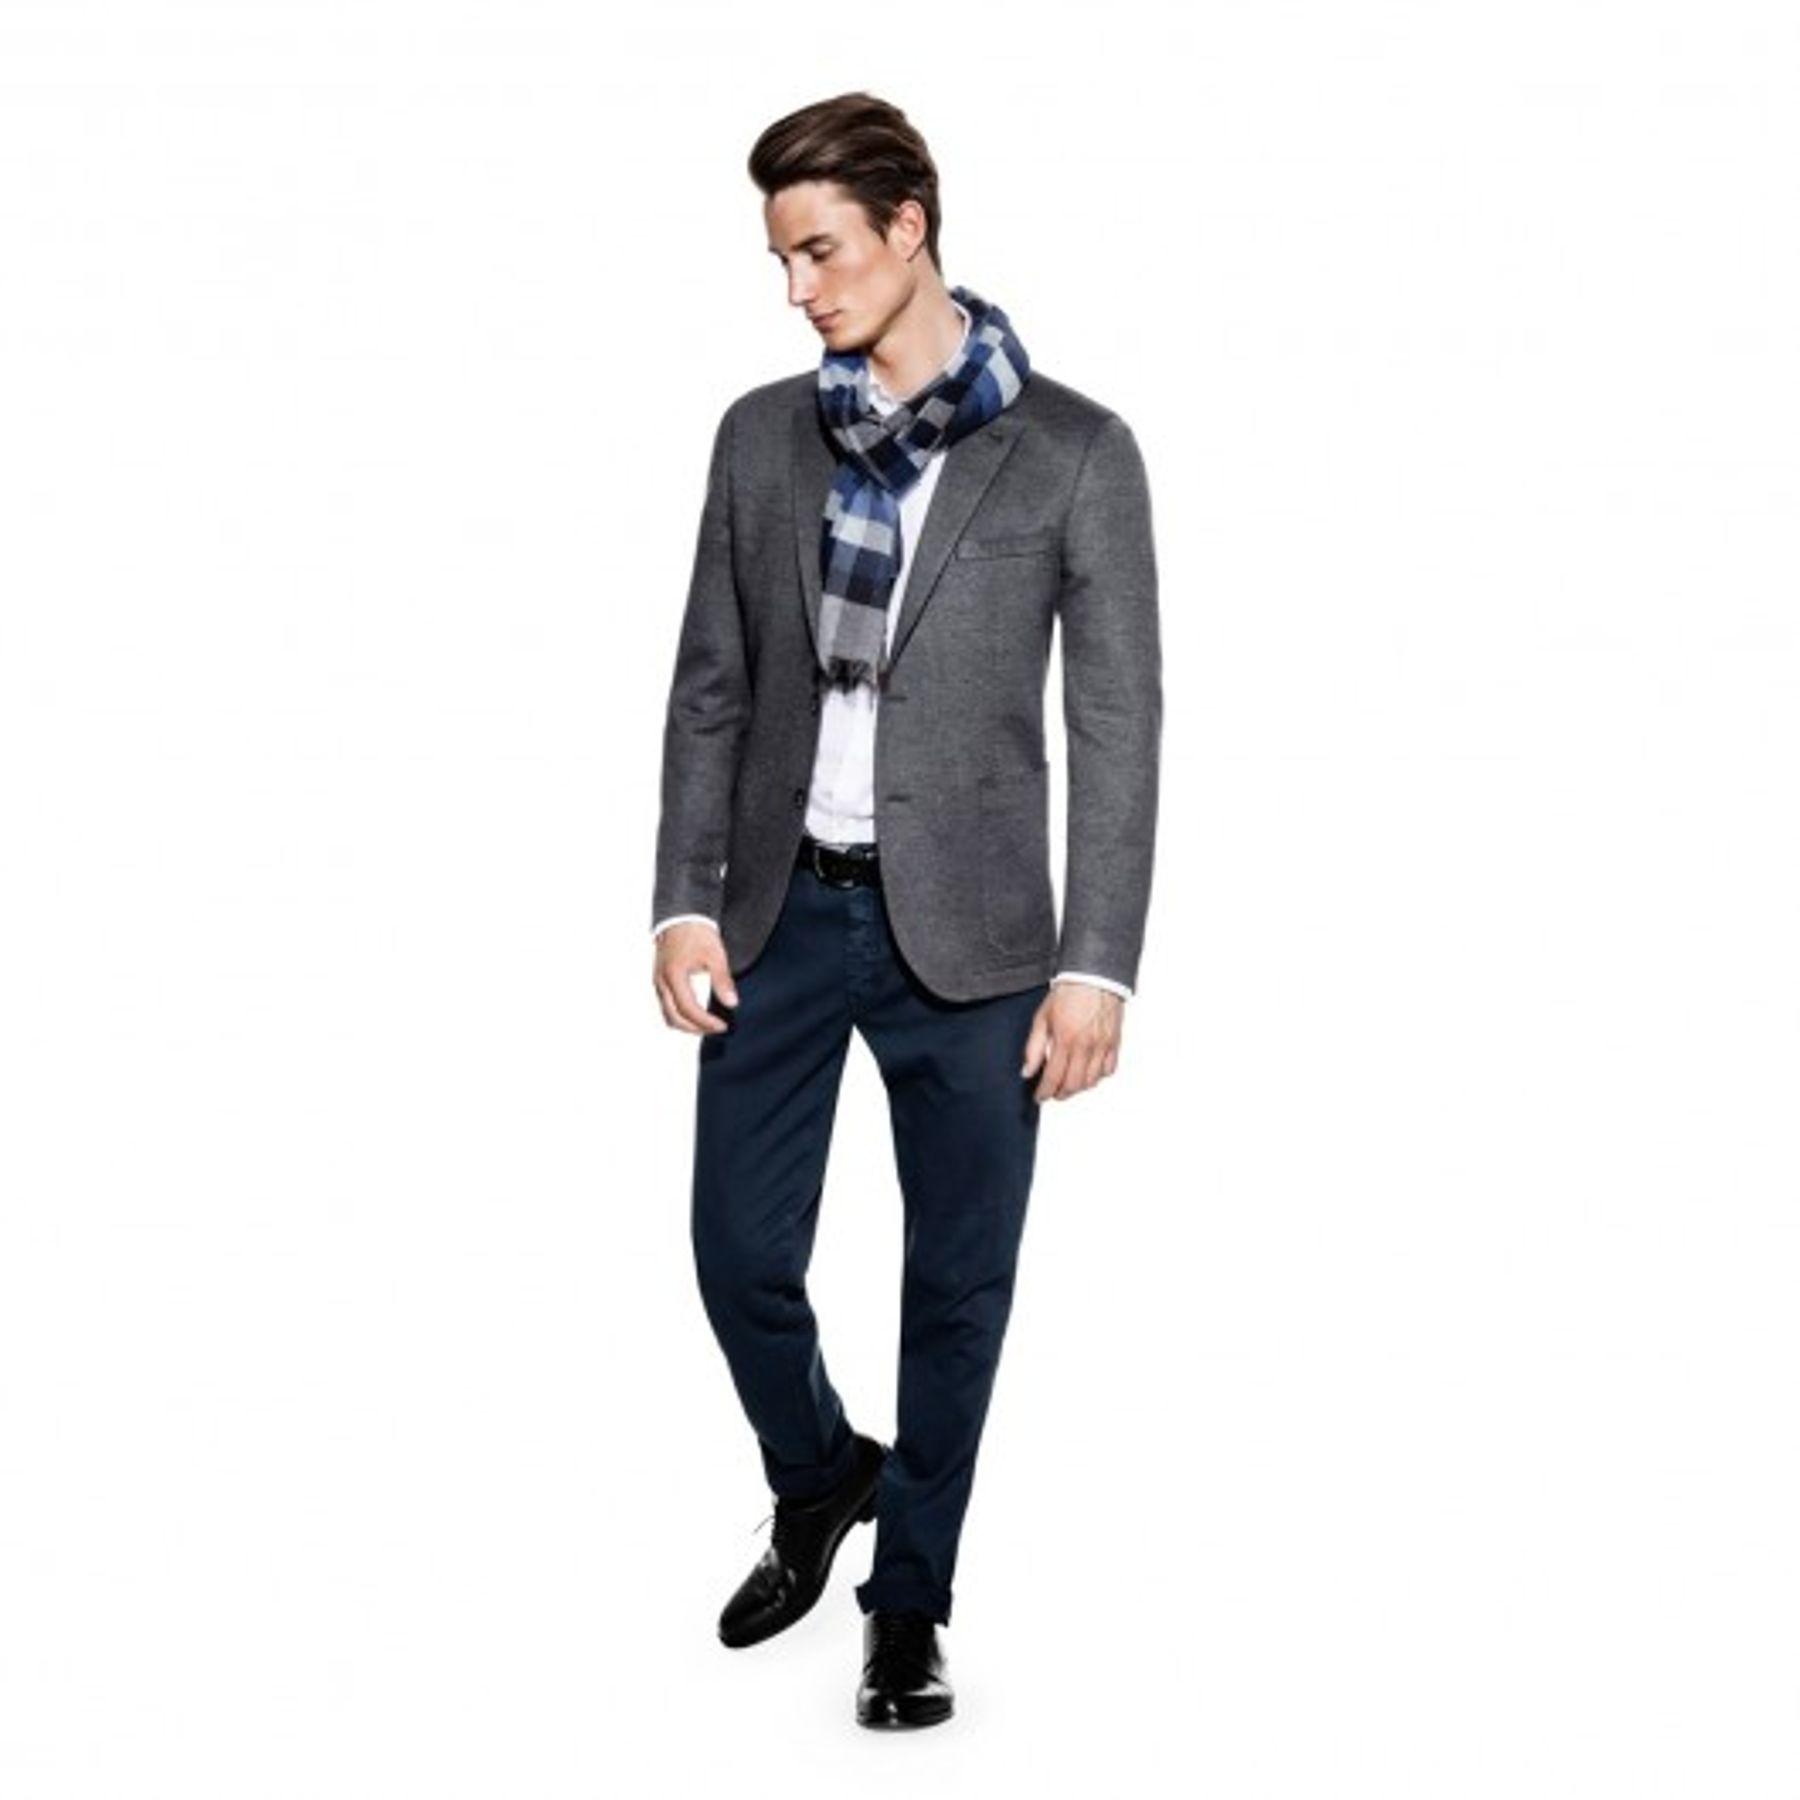 Benvenuto Black - Modern Fit - Herren Jersey Sakko in modischer Optik, Riva (20790, Modell: 62568) – Bild 2